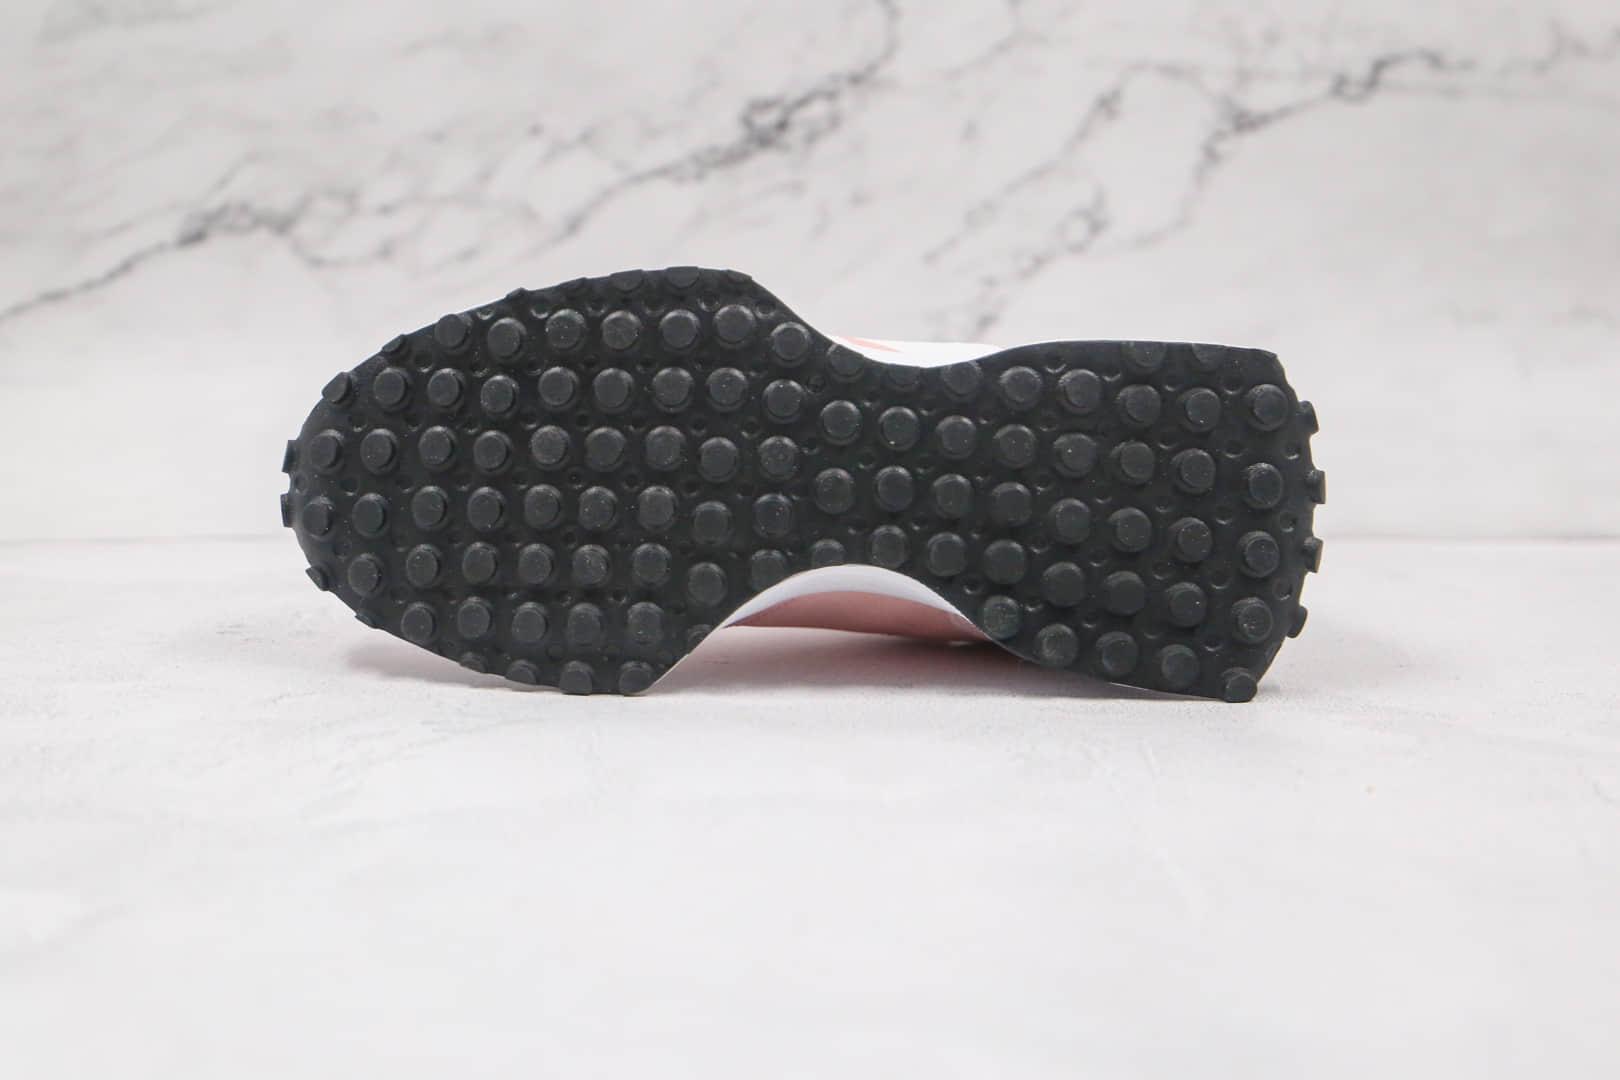 新百伦New Balance 327纯原版本复古慢跑鞋NB327粉白色原盒原标原档案数据开发 货号:MS327CKC